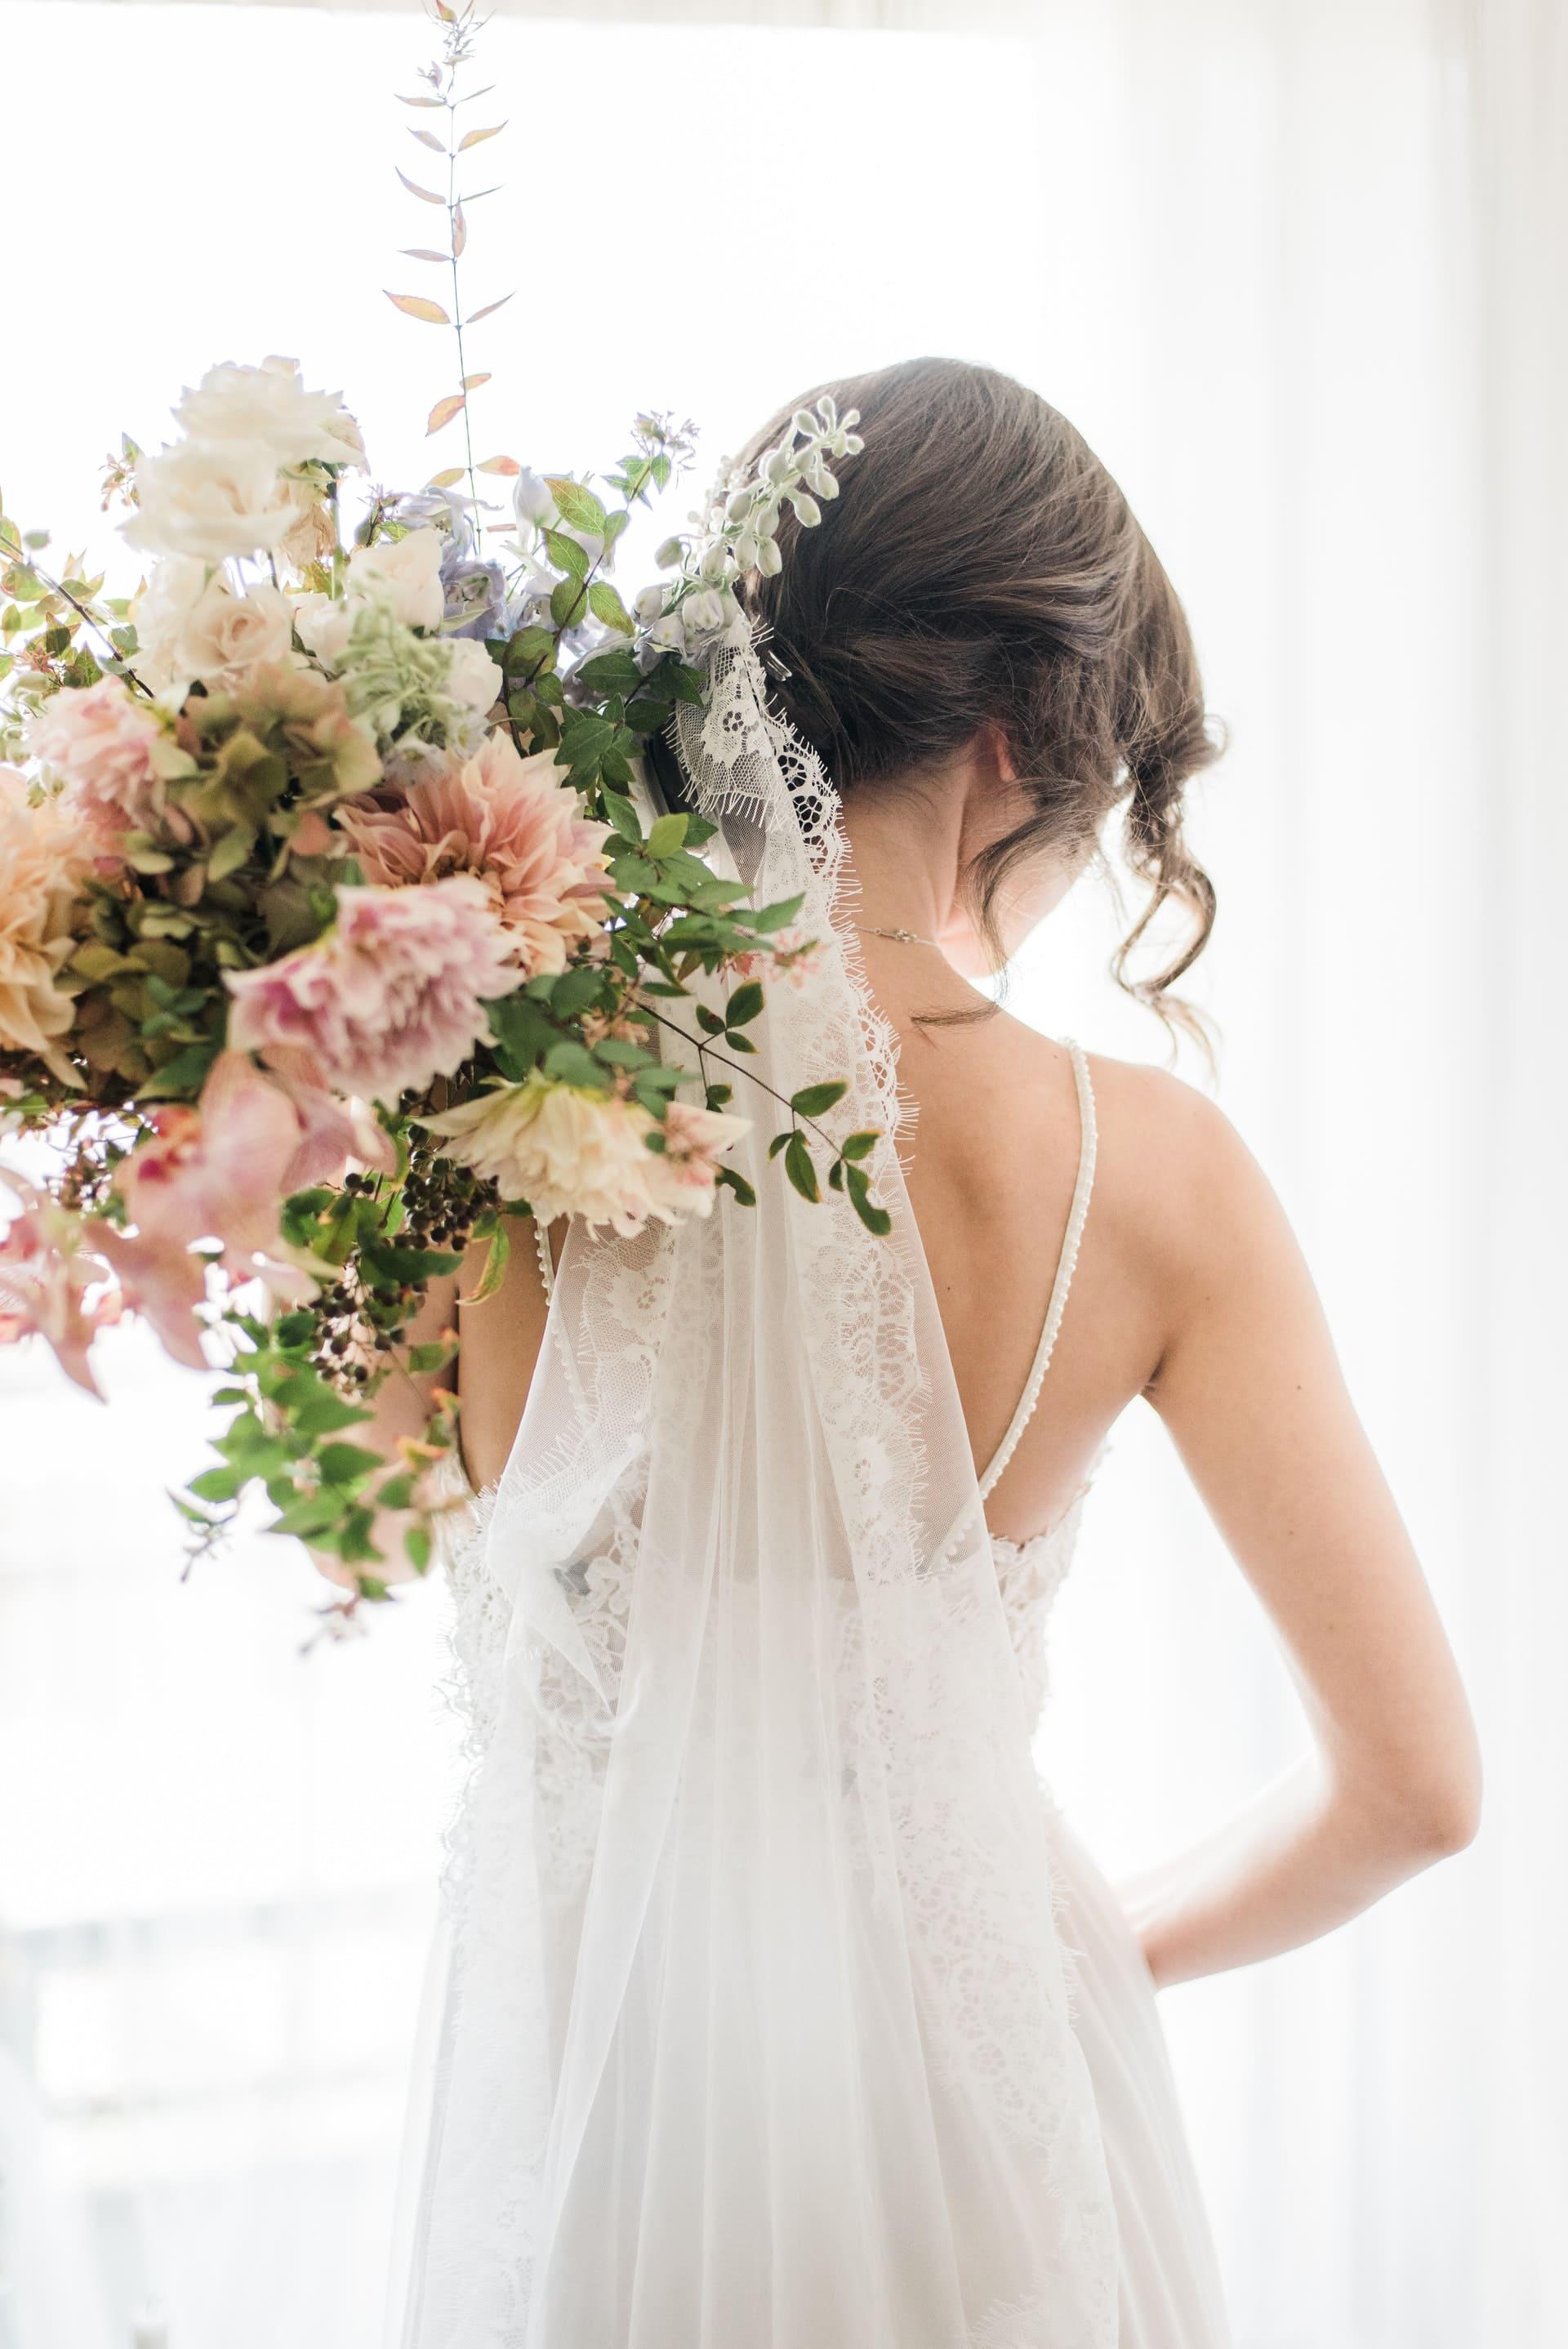 Mademoiselle Bloom